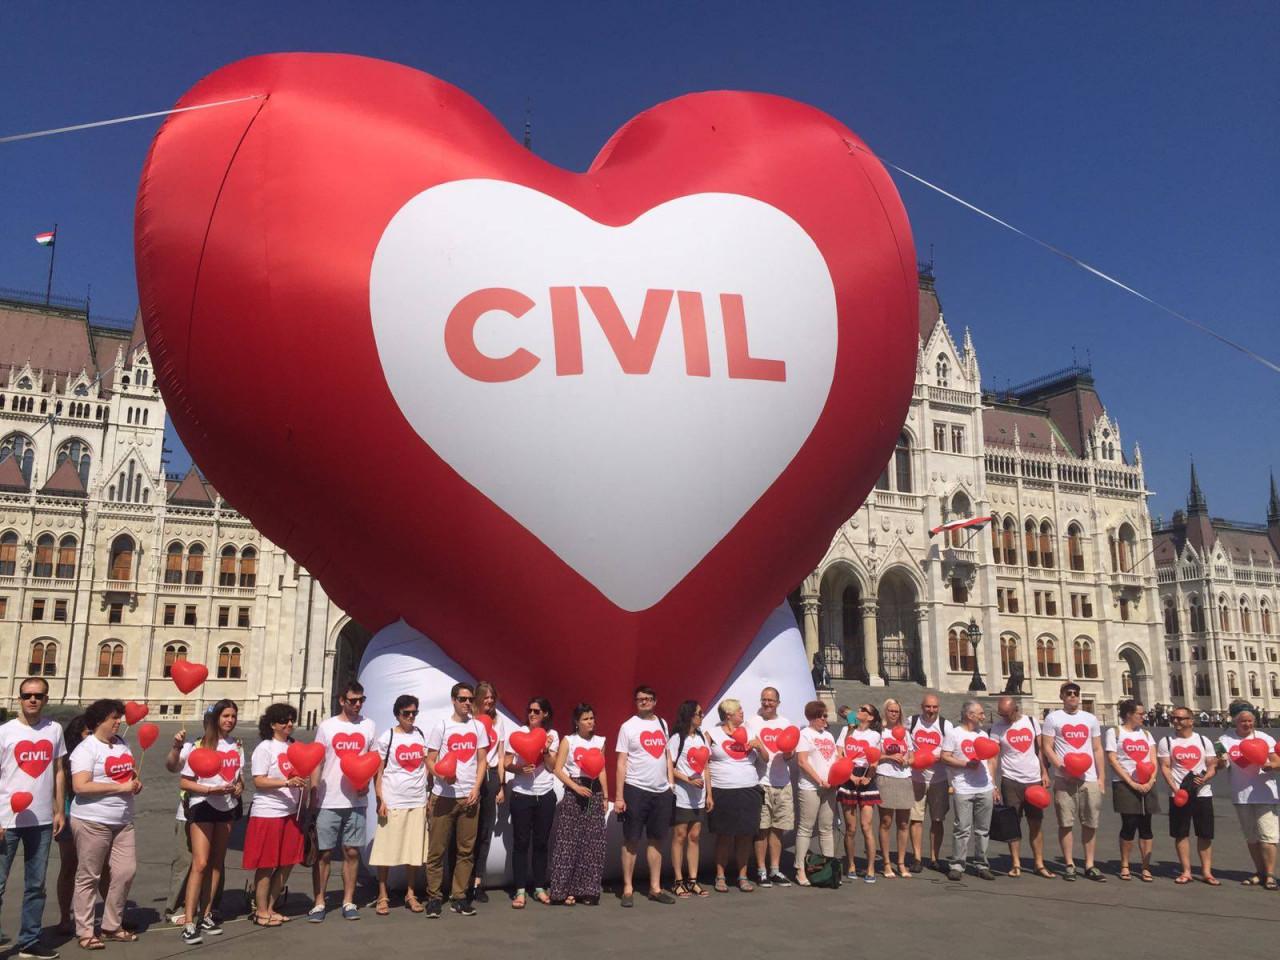 Sajtóközlemény a civil szervezetek átláthatóságáról